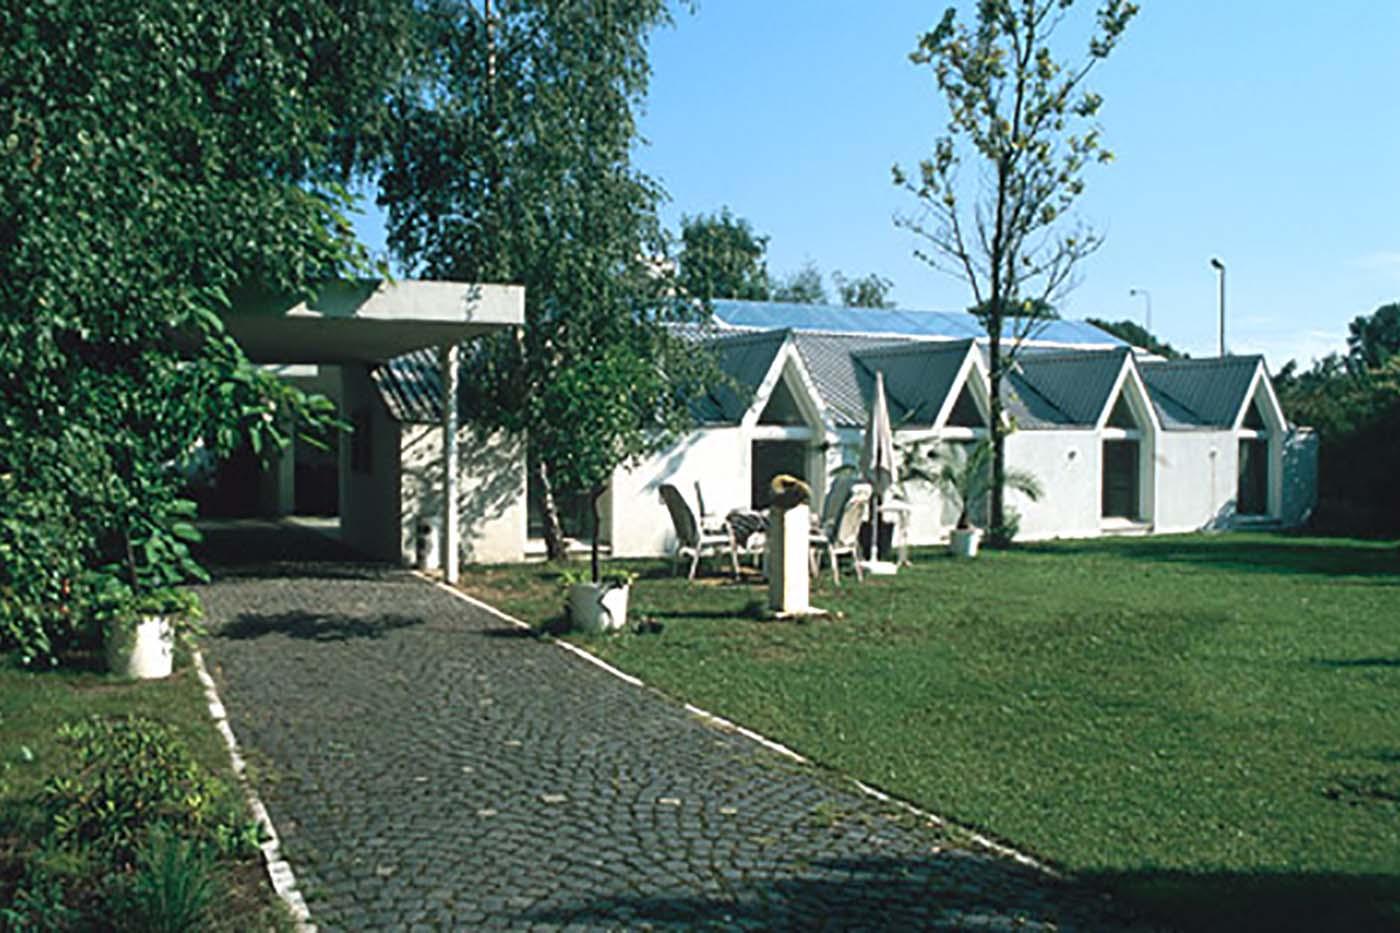 42_Internationales Kuenstlerzentrum 695 [1989]